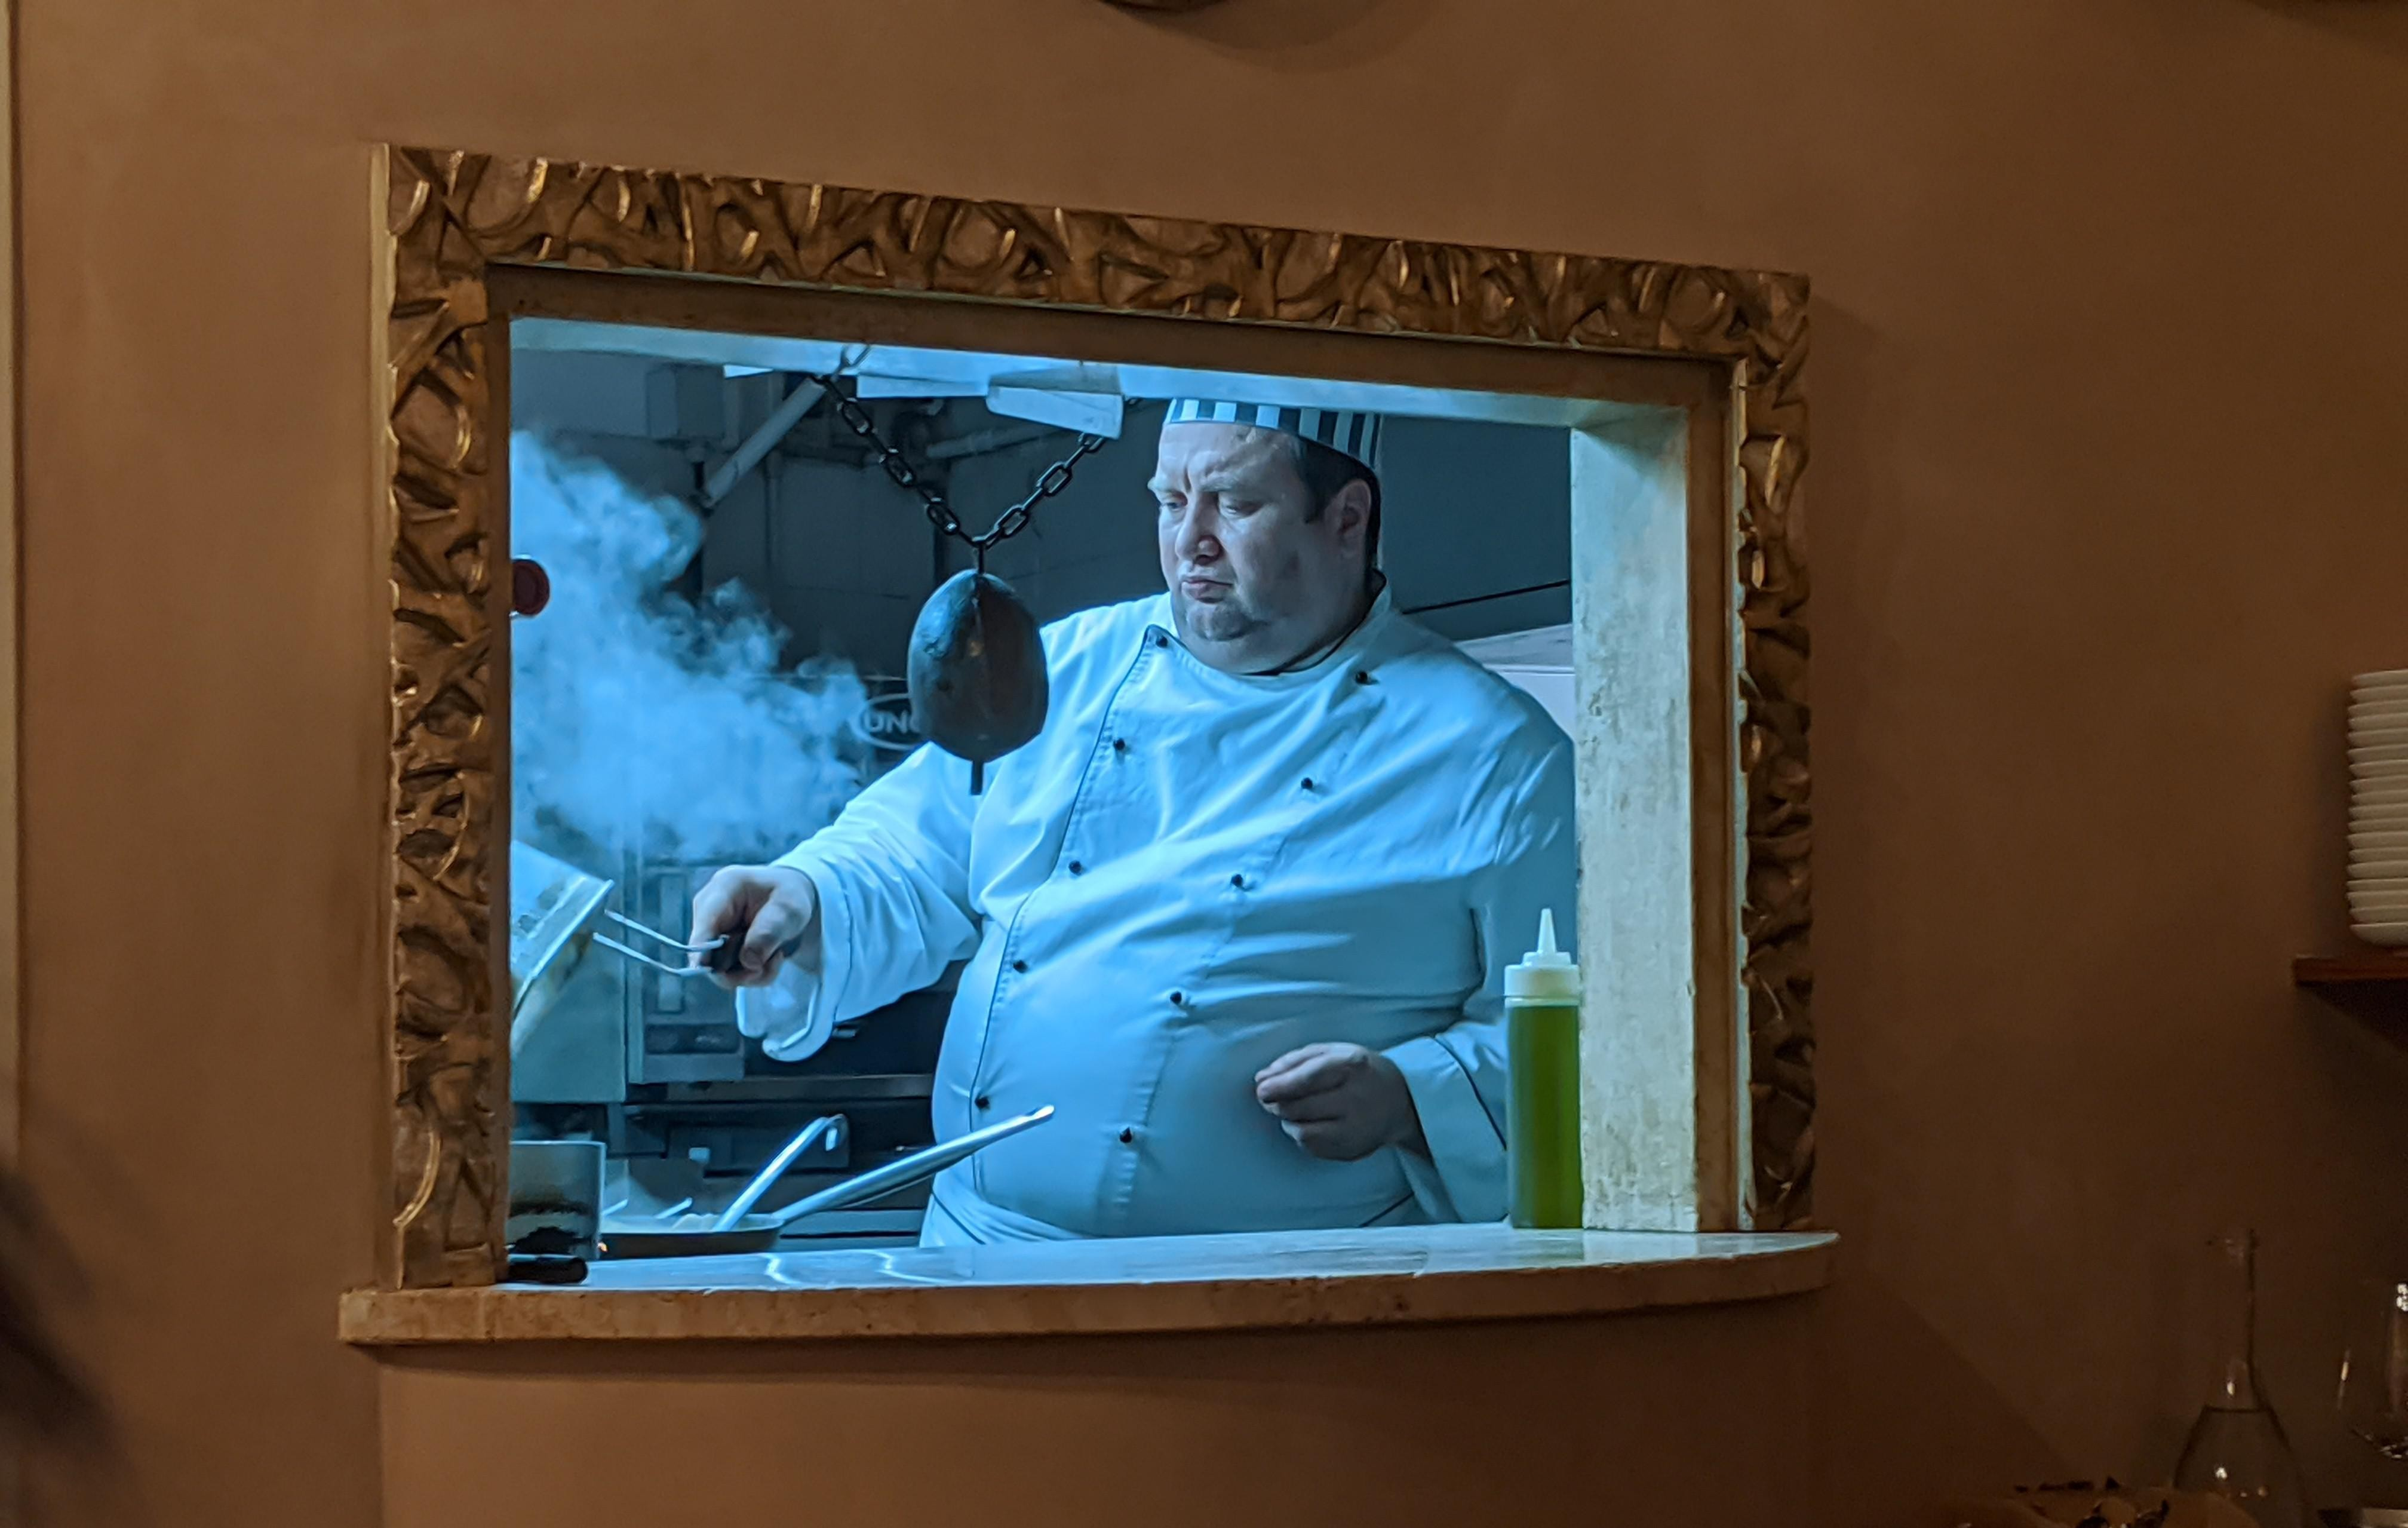 Шеф-повар в Сиене, Италия, 2020. Автор iskanderthethief